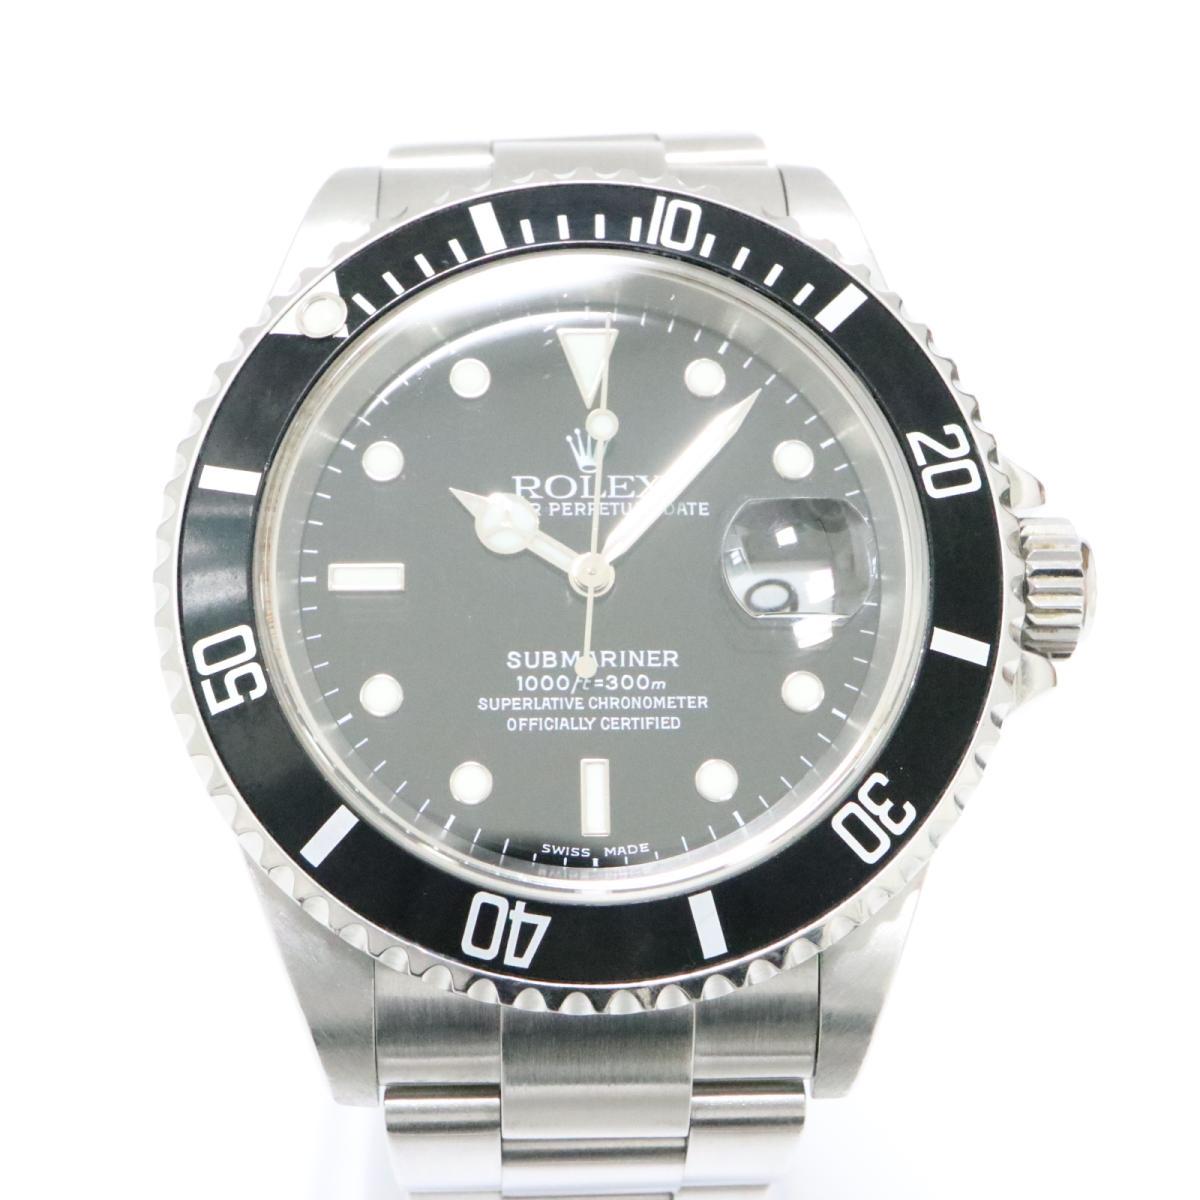 【中古】 ロレックス サブマリーナ 腕時計 メンズ ステンレススチール (SS) ブラック (16610) | ROLEX オートマチック 自動巻き 時計 サブマリーナ ブランドオフ